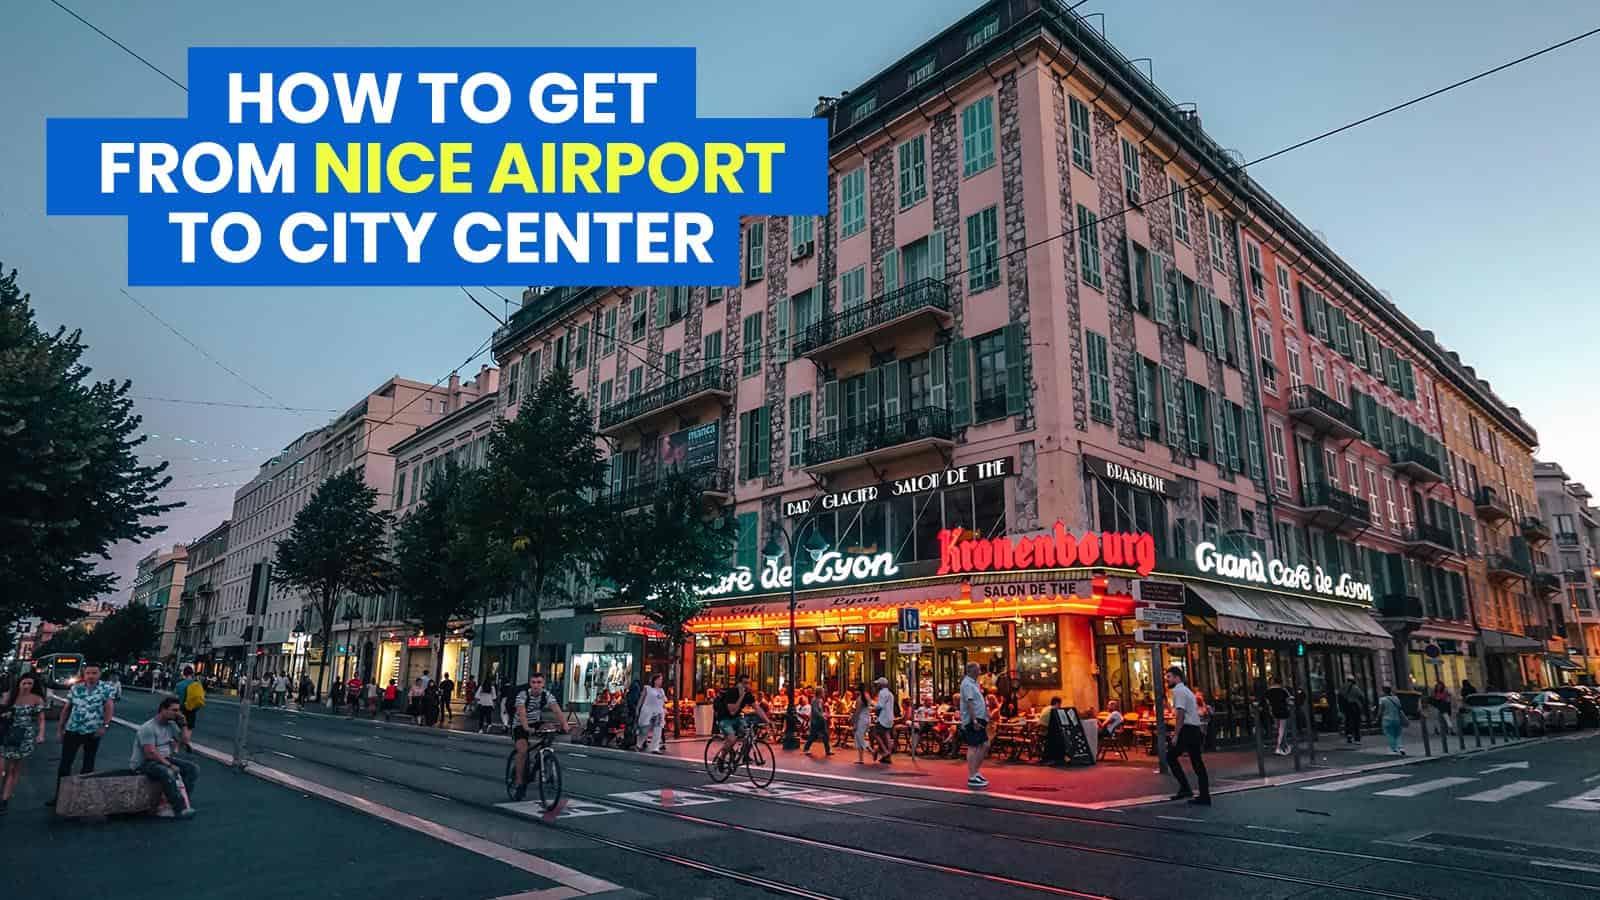 尼斯机场到市中心:老城区,让-梅德辛,尼斯市车站   穷游者的行程博客